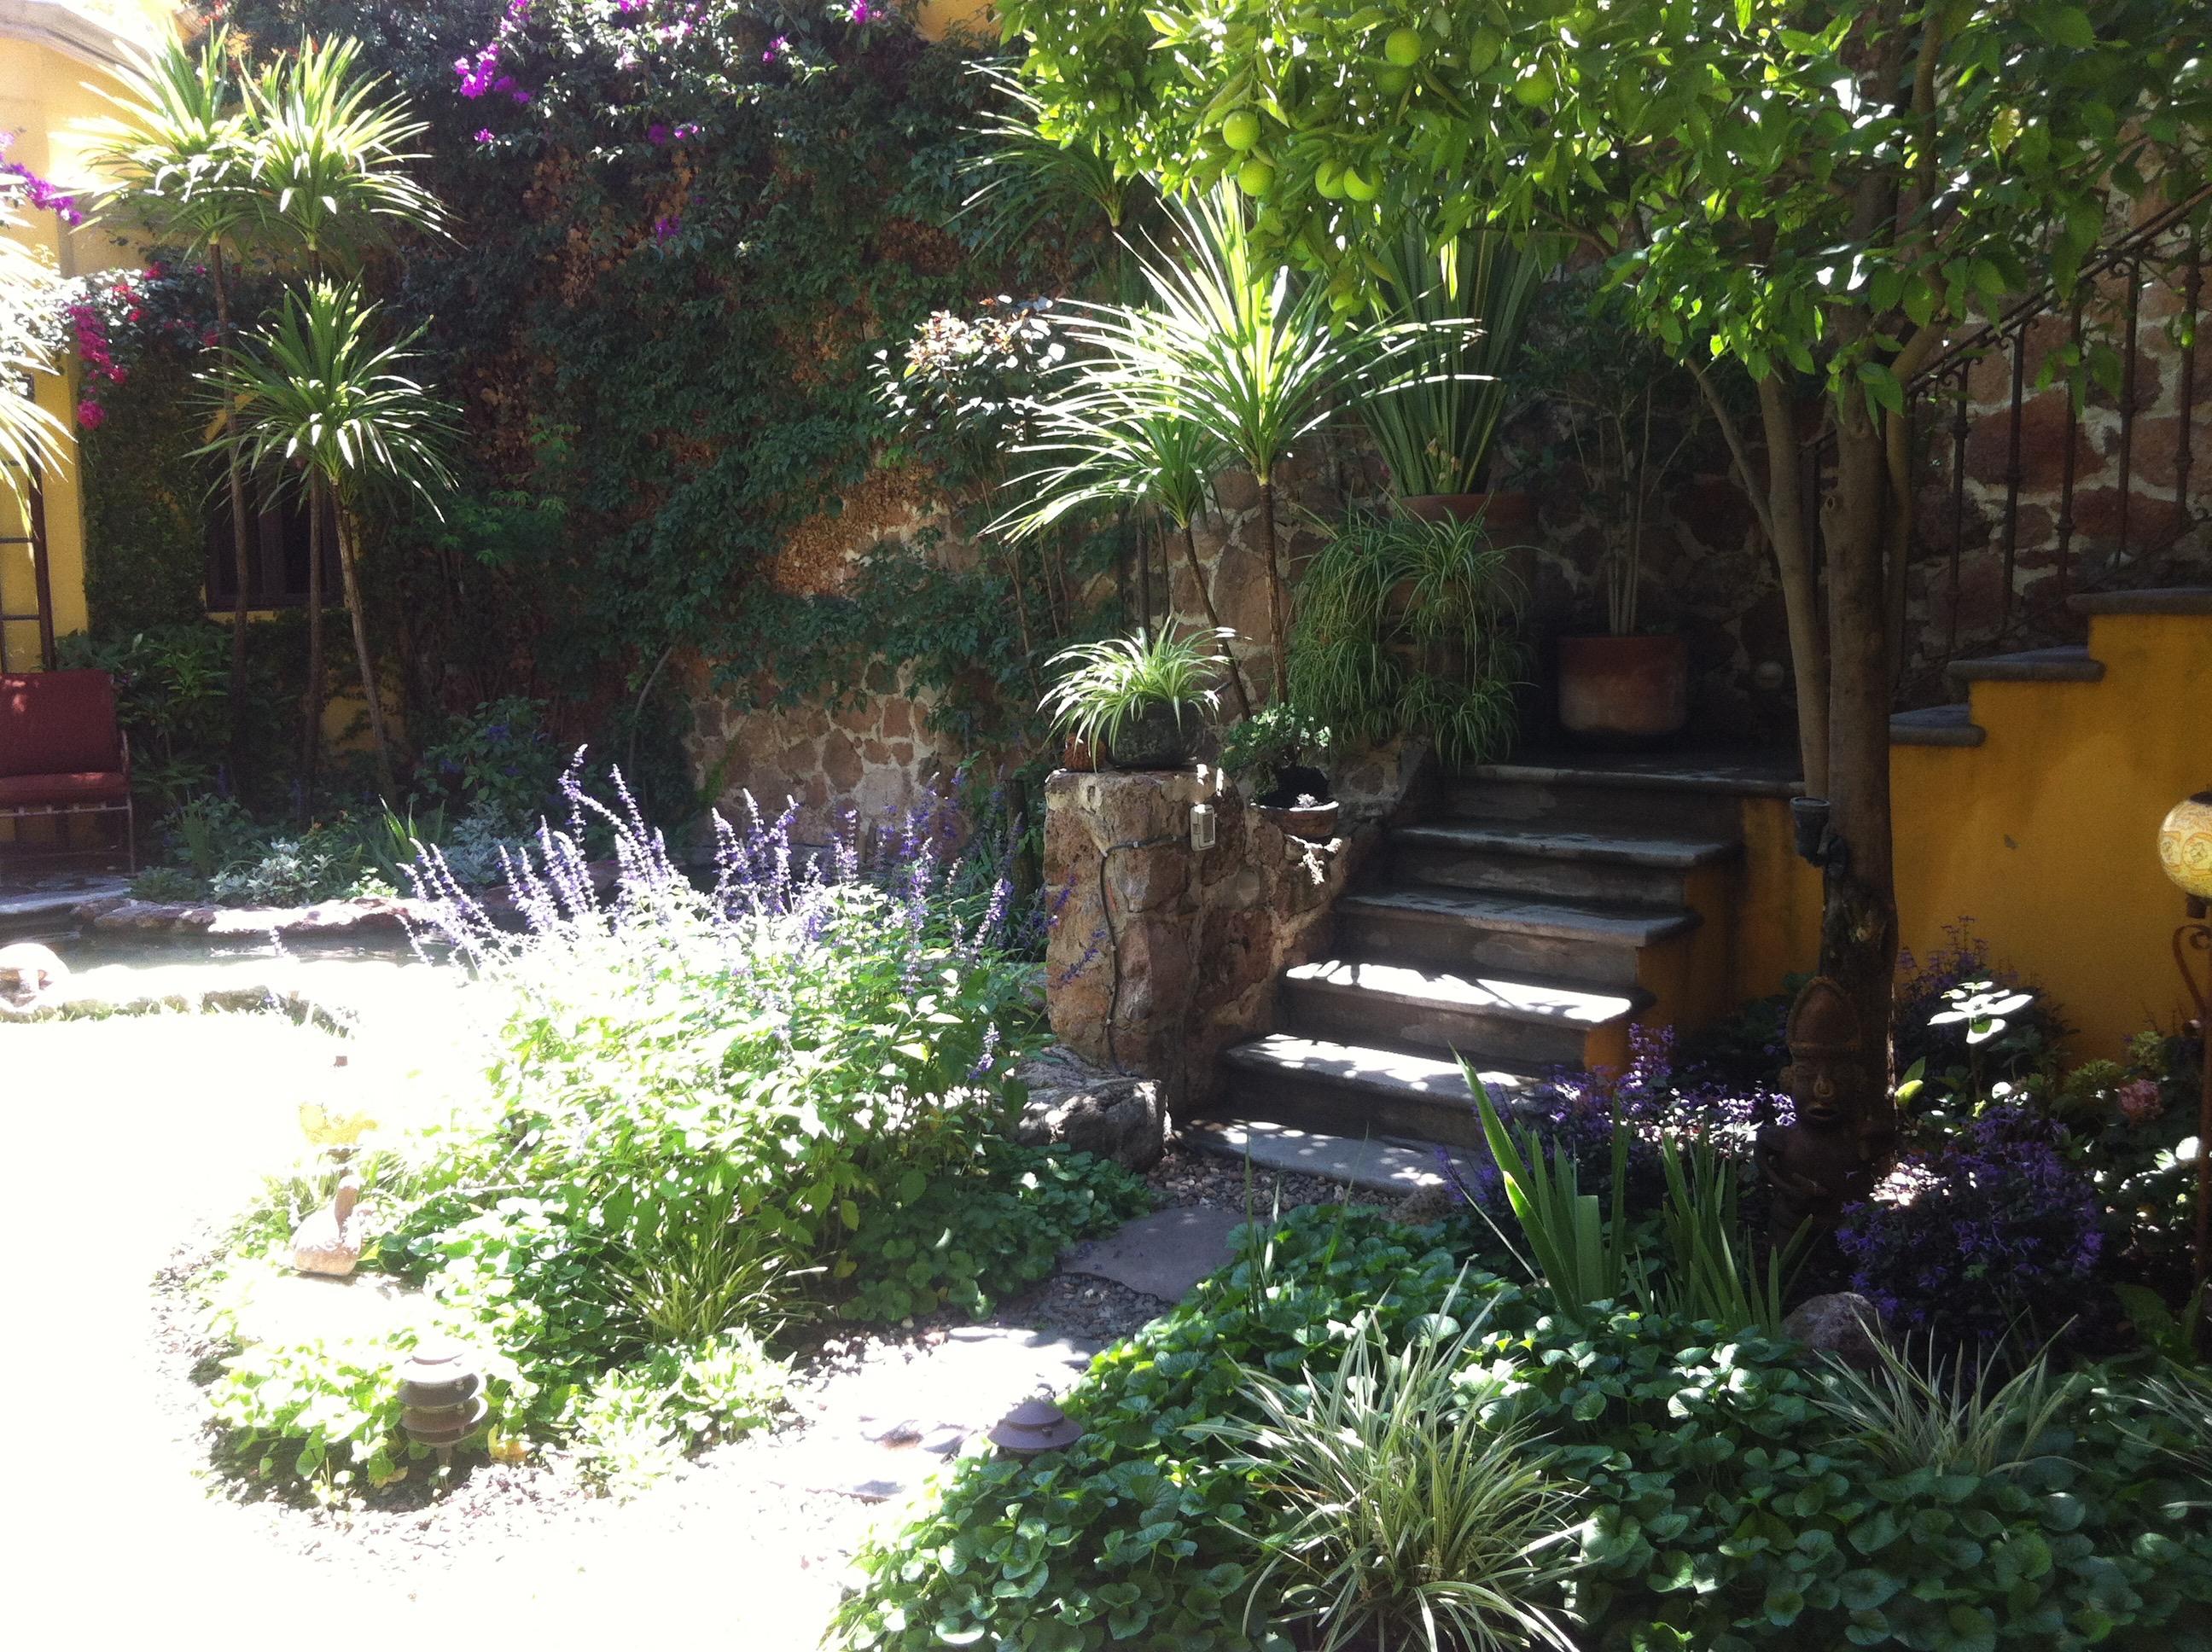 villaclarabella_10 garden